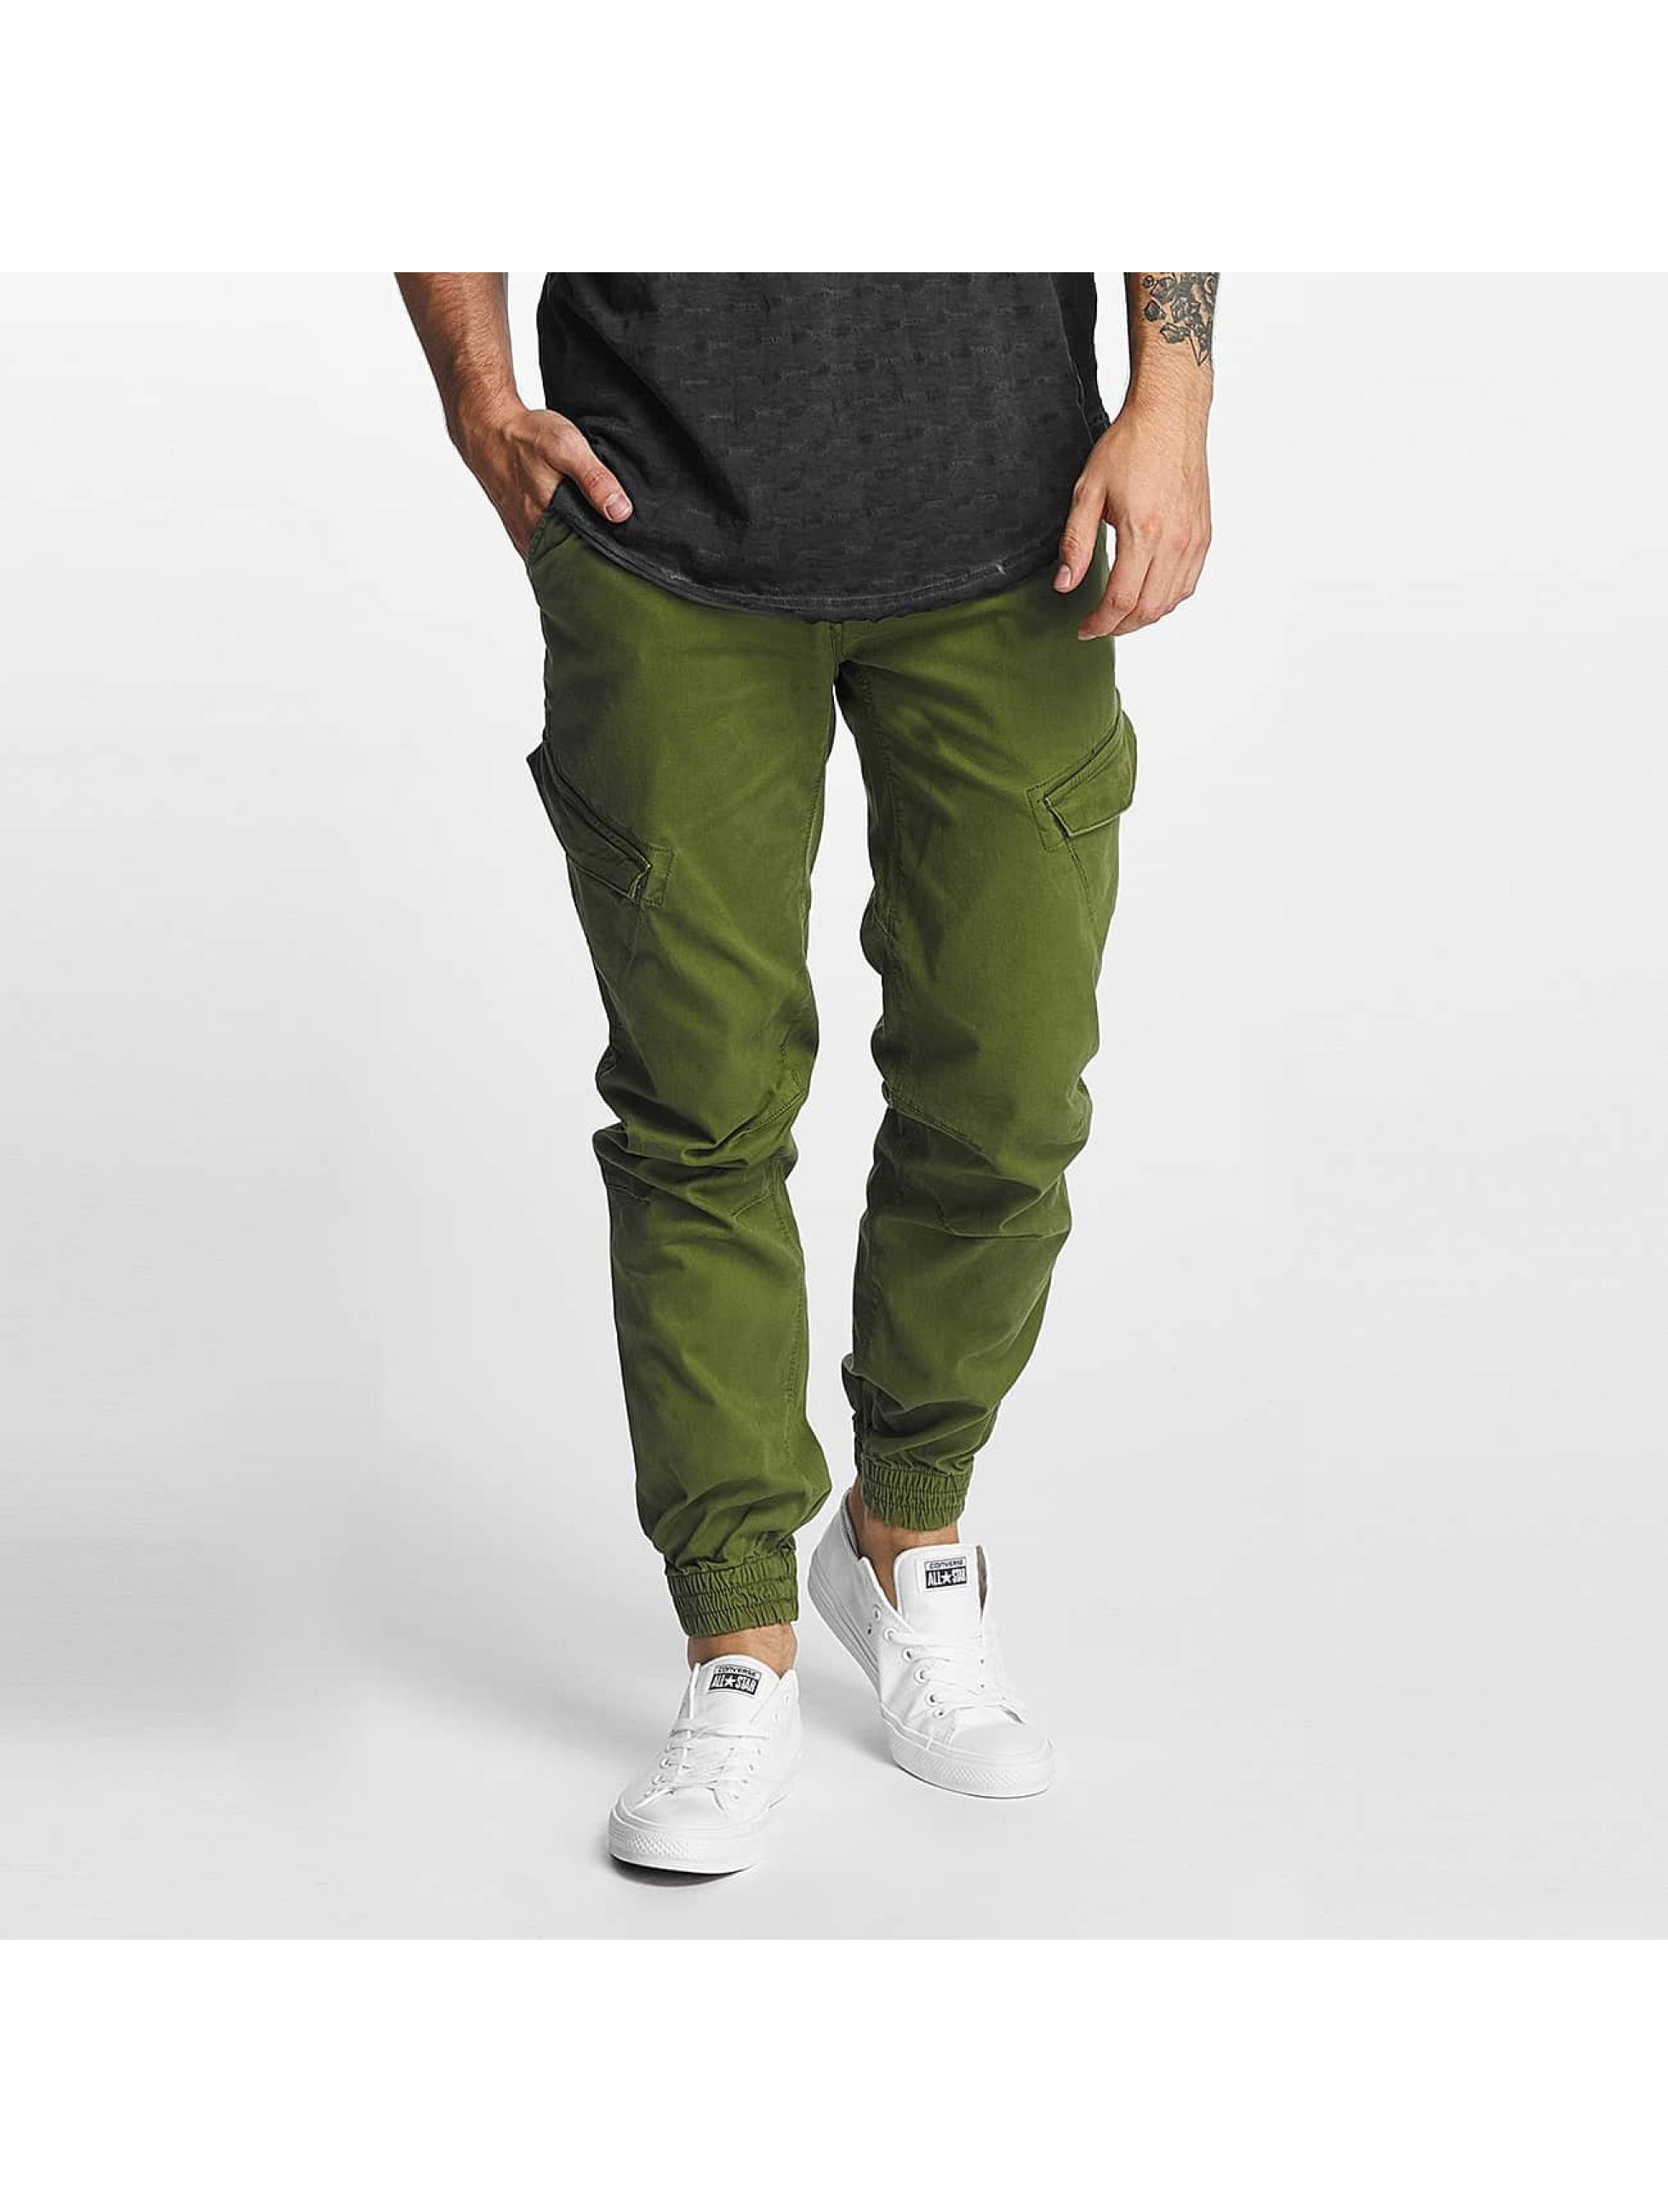 SHINE Original Cargo Slim green